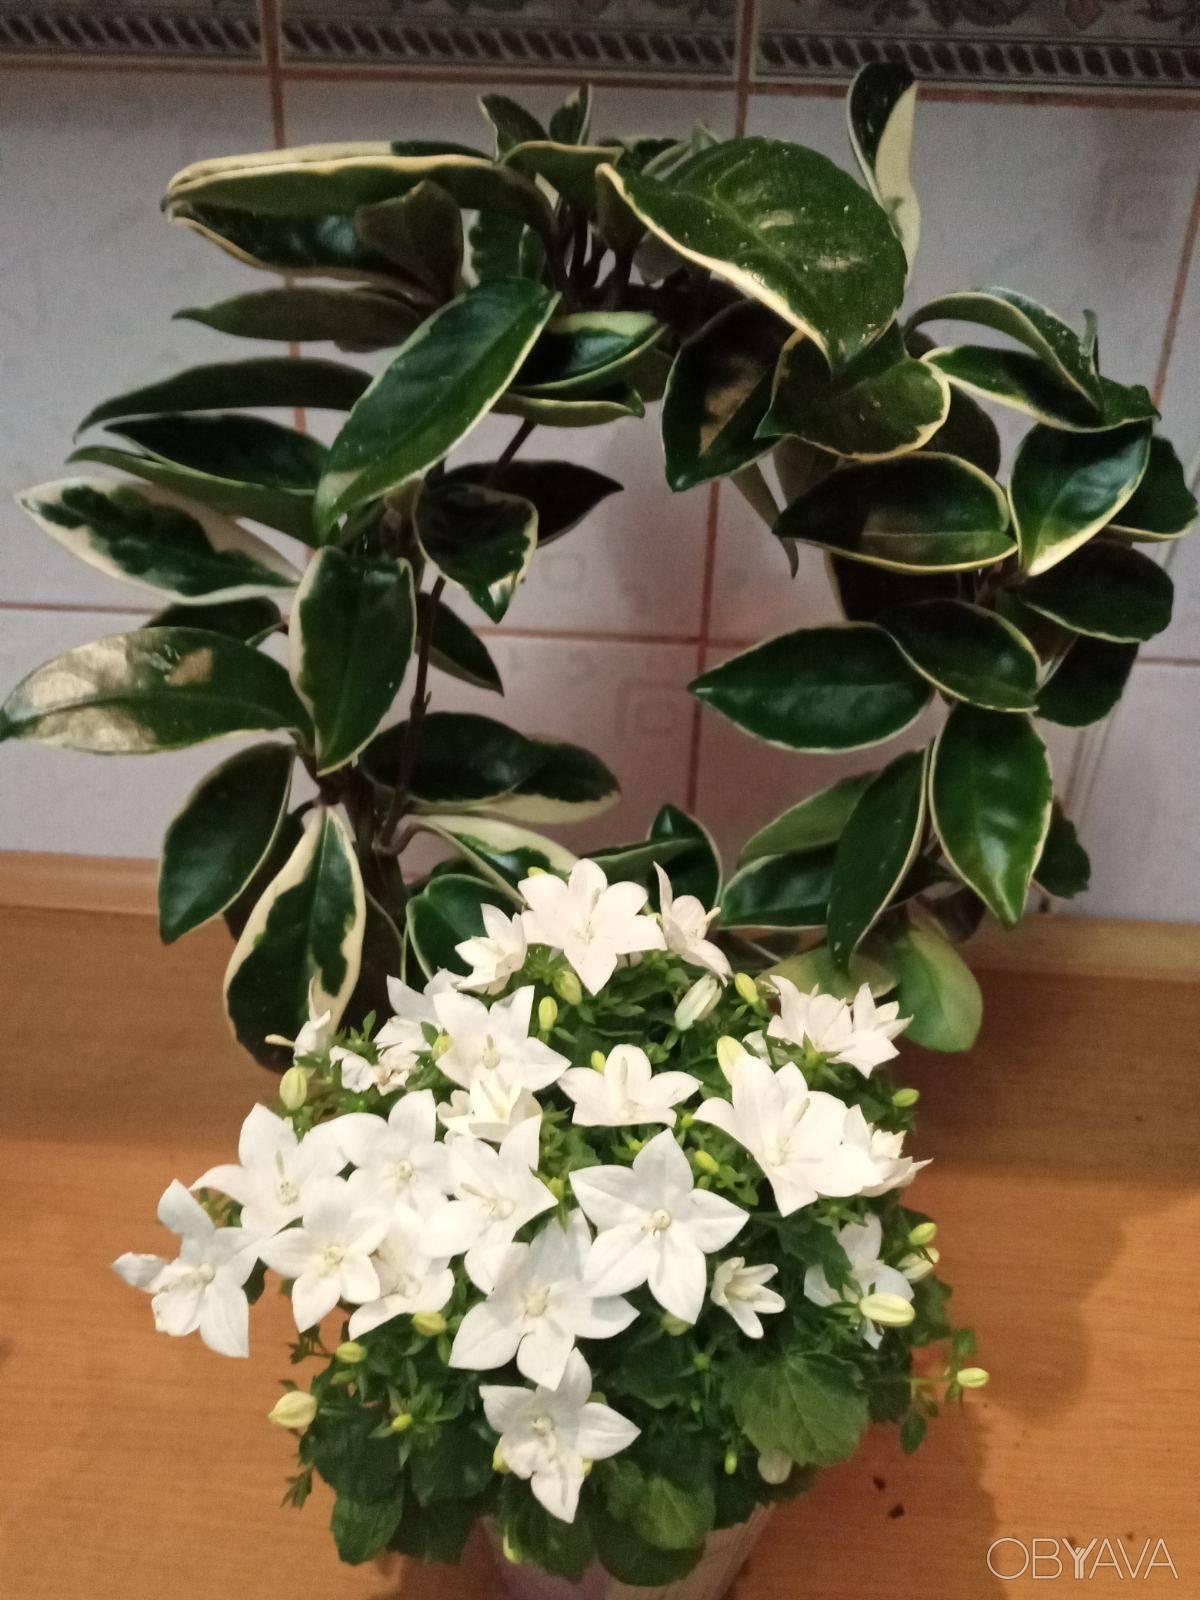 Хойя макрофилла (hoya macrophylla): описание видов альбомаргината, пот оф голд, сплеш, variegata и bai bur, а также способы выращивания и ухода за растениемдача эксперт